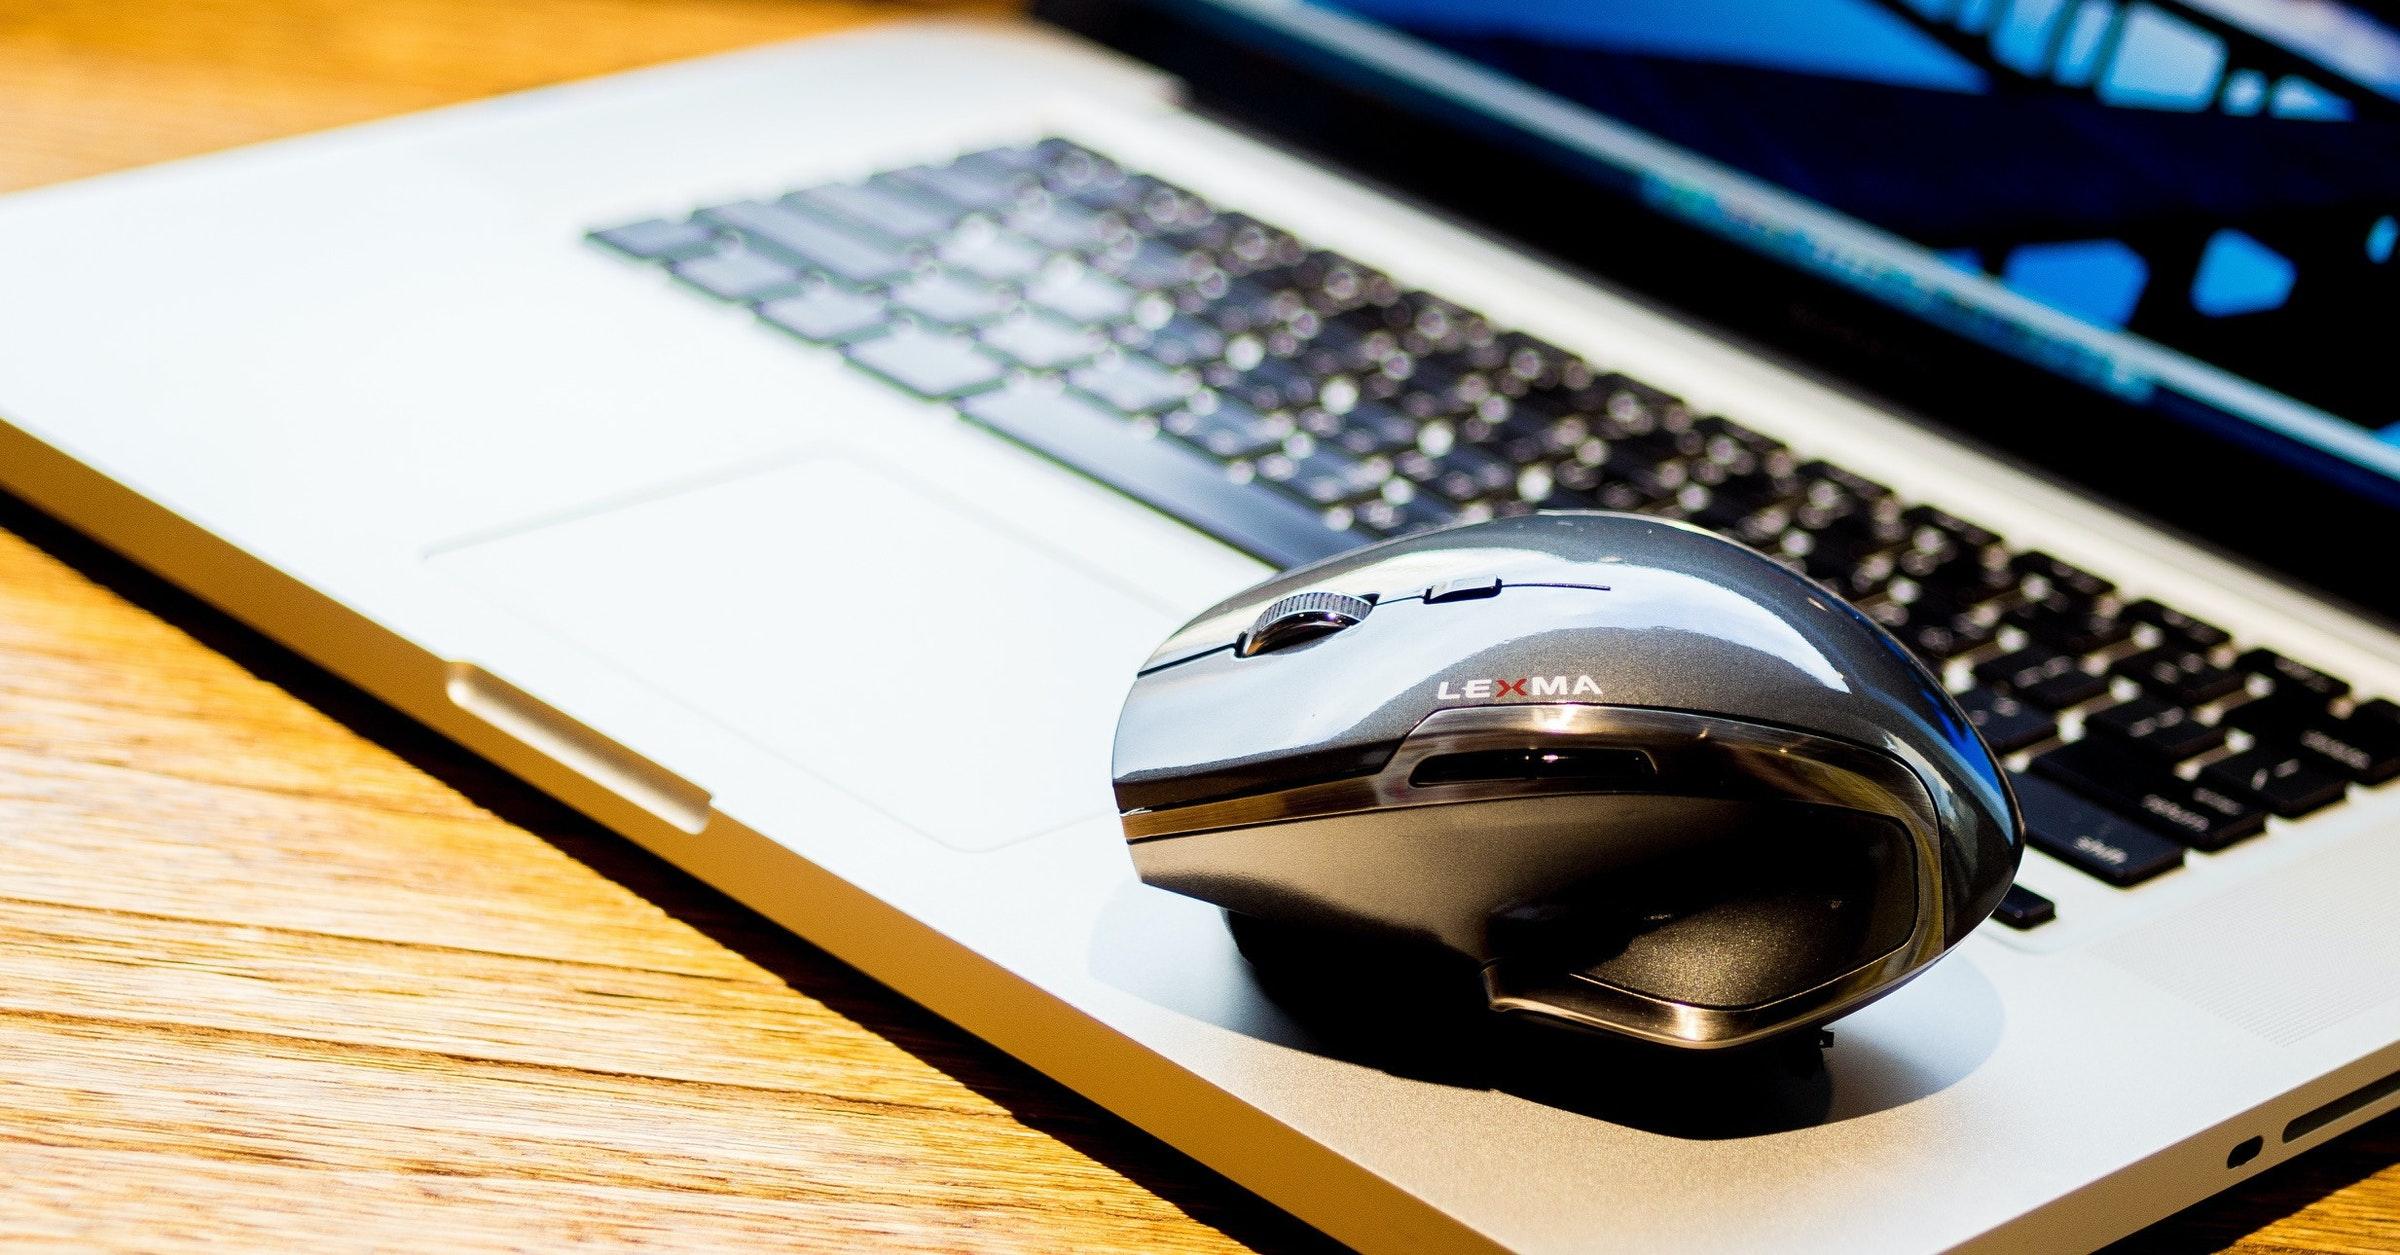 是所有不適合用滑鼠的表面,對 LEXMA M615R 雷射滑鼠來說都是小意思!這篇文章的首圖